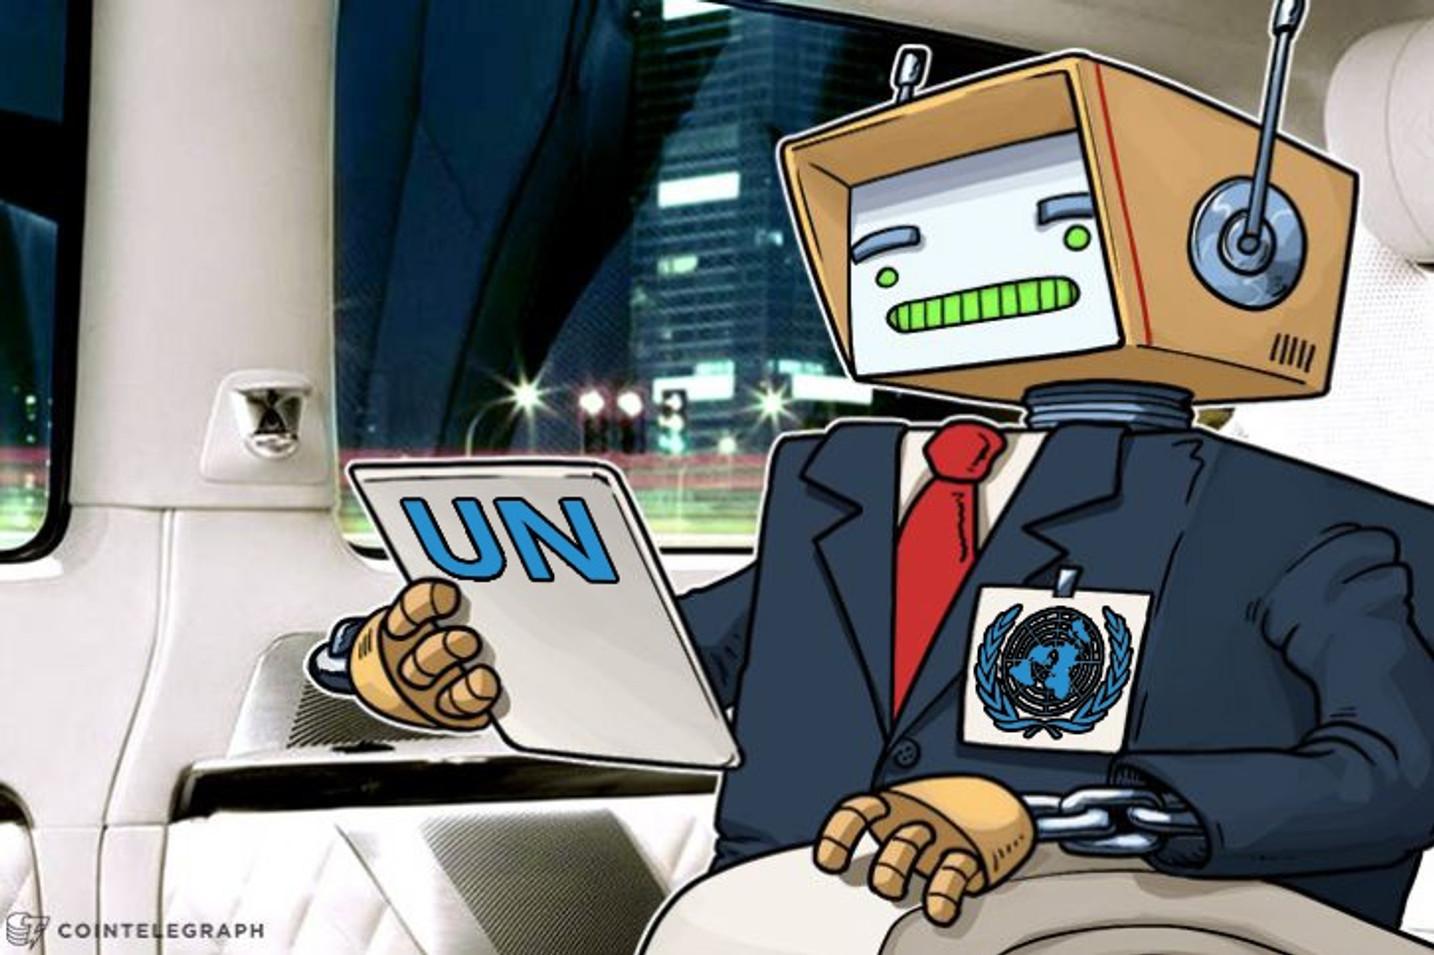 Los socios de la ONU, WIN lucharán contra el tráfico de niños con Blockchain